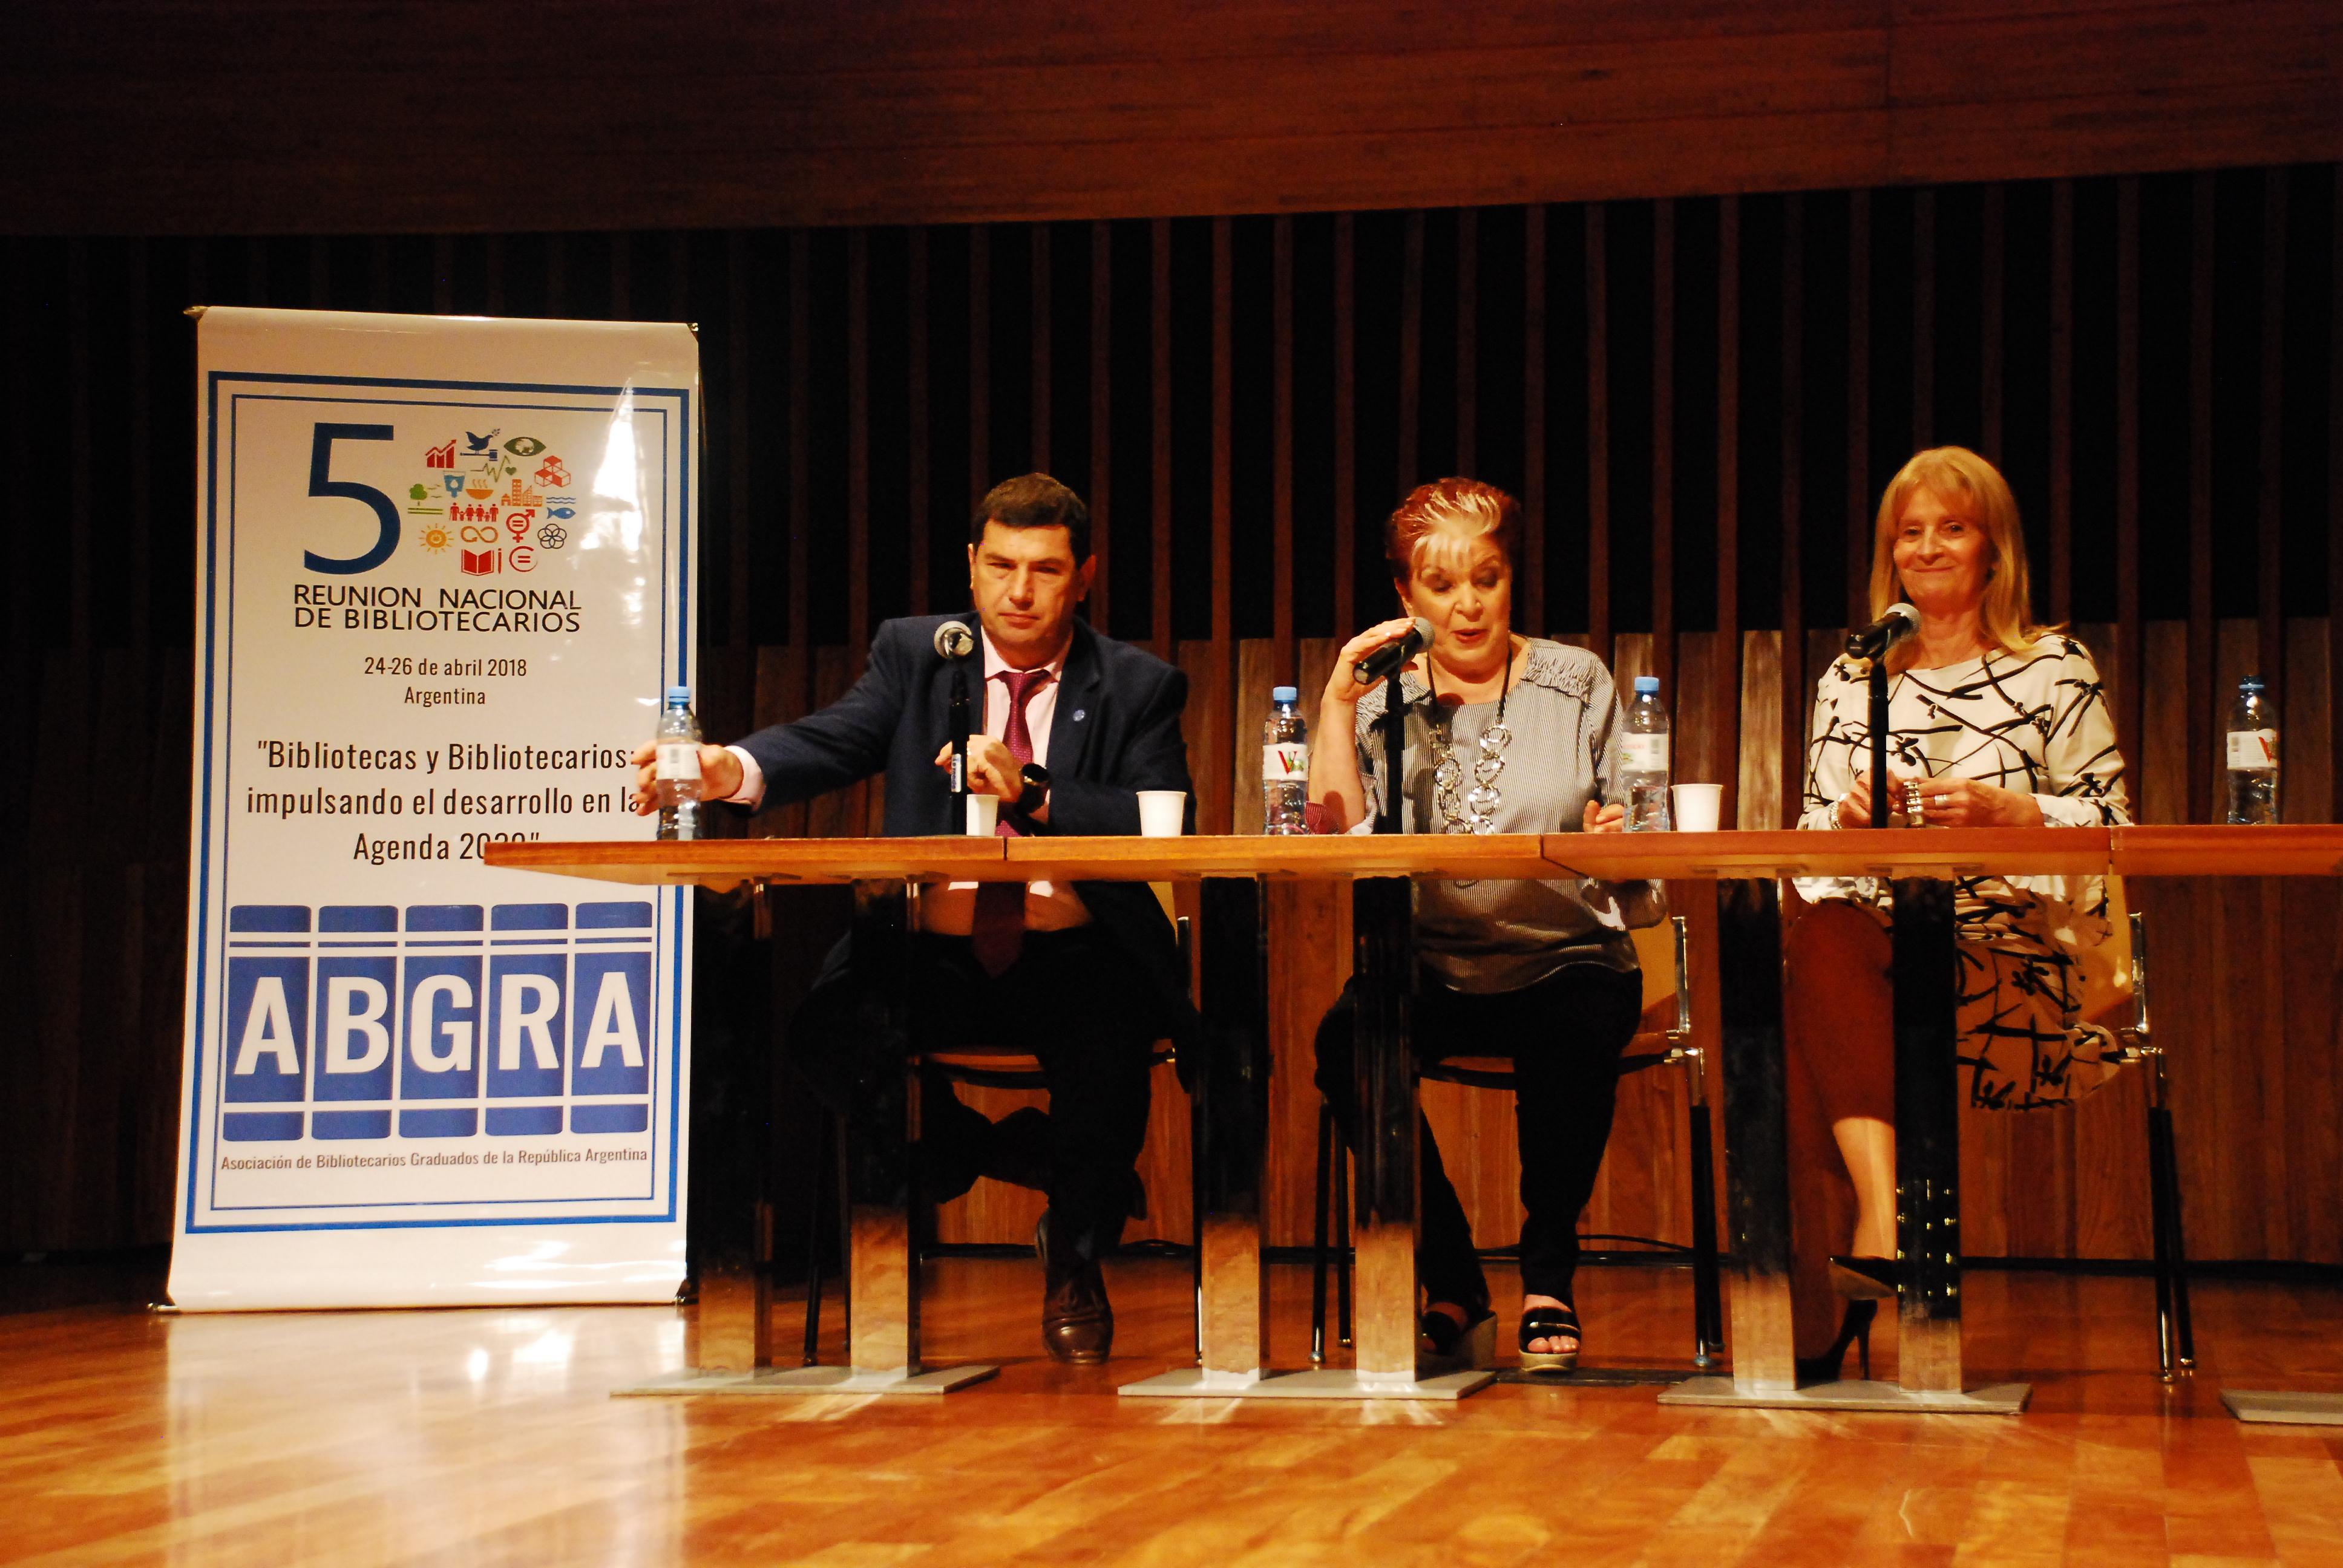 Alejandro Santa, Elsa Barber y Graciela Perrone